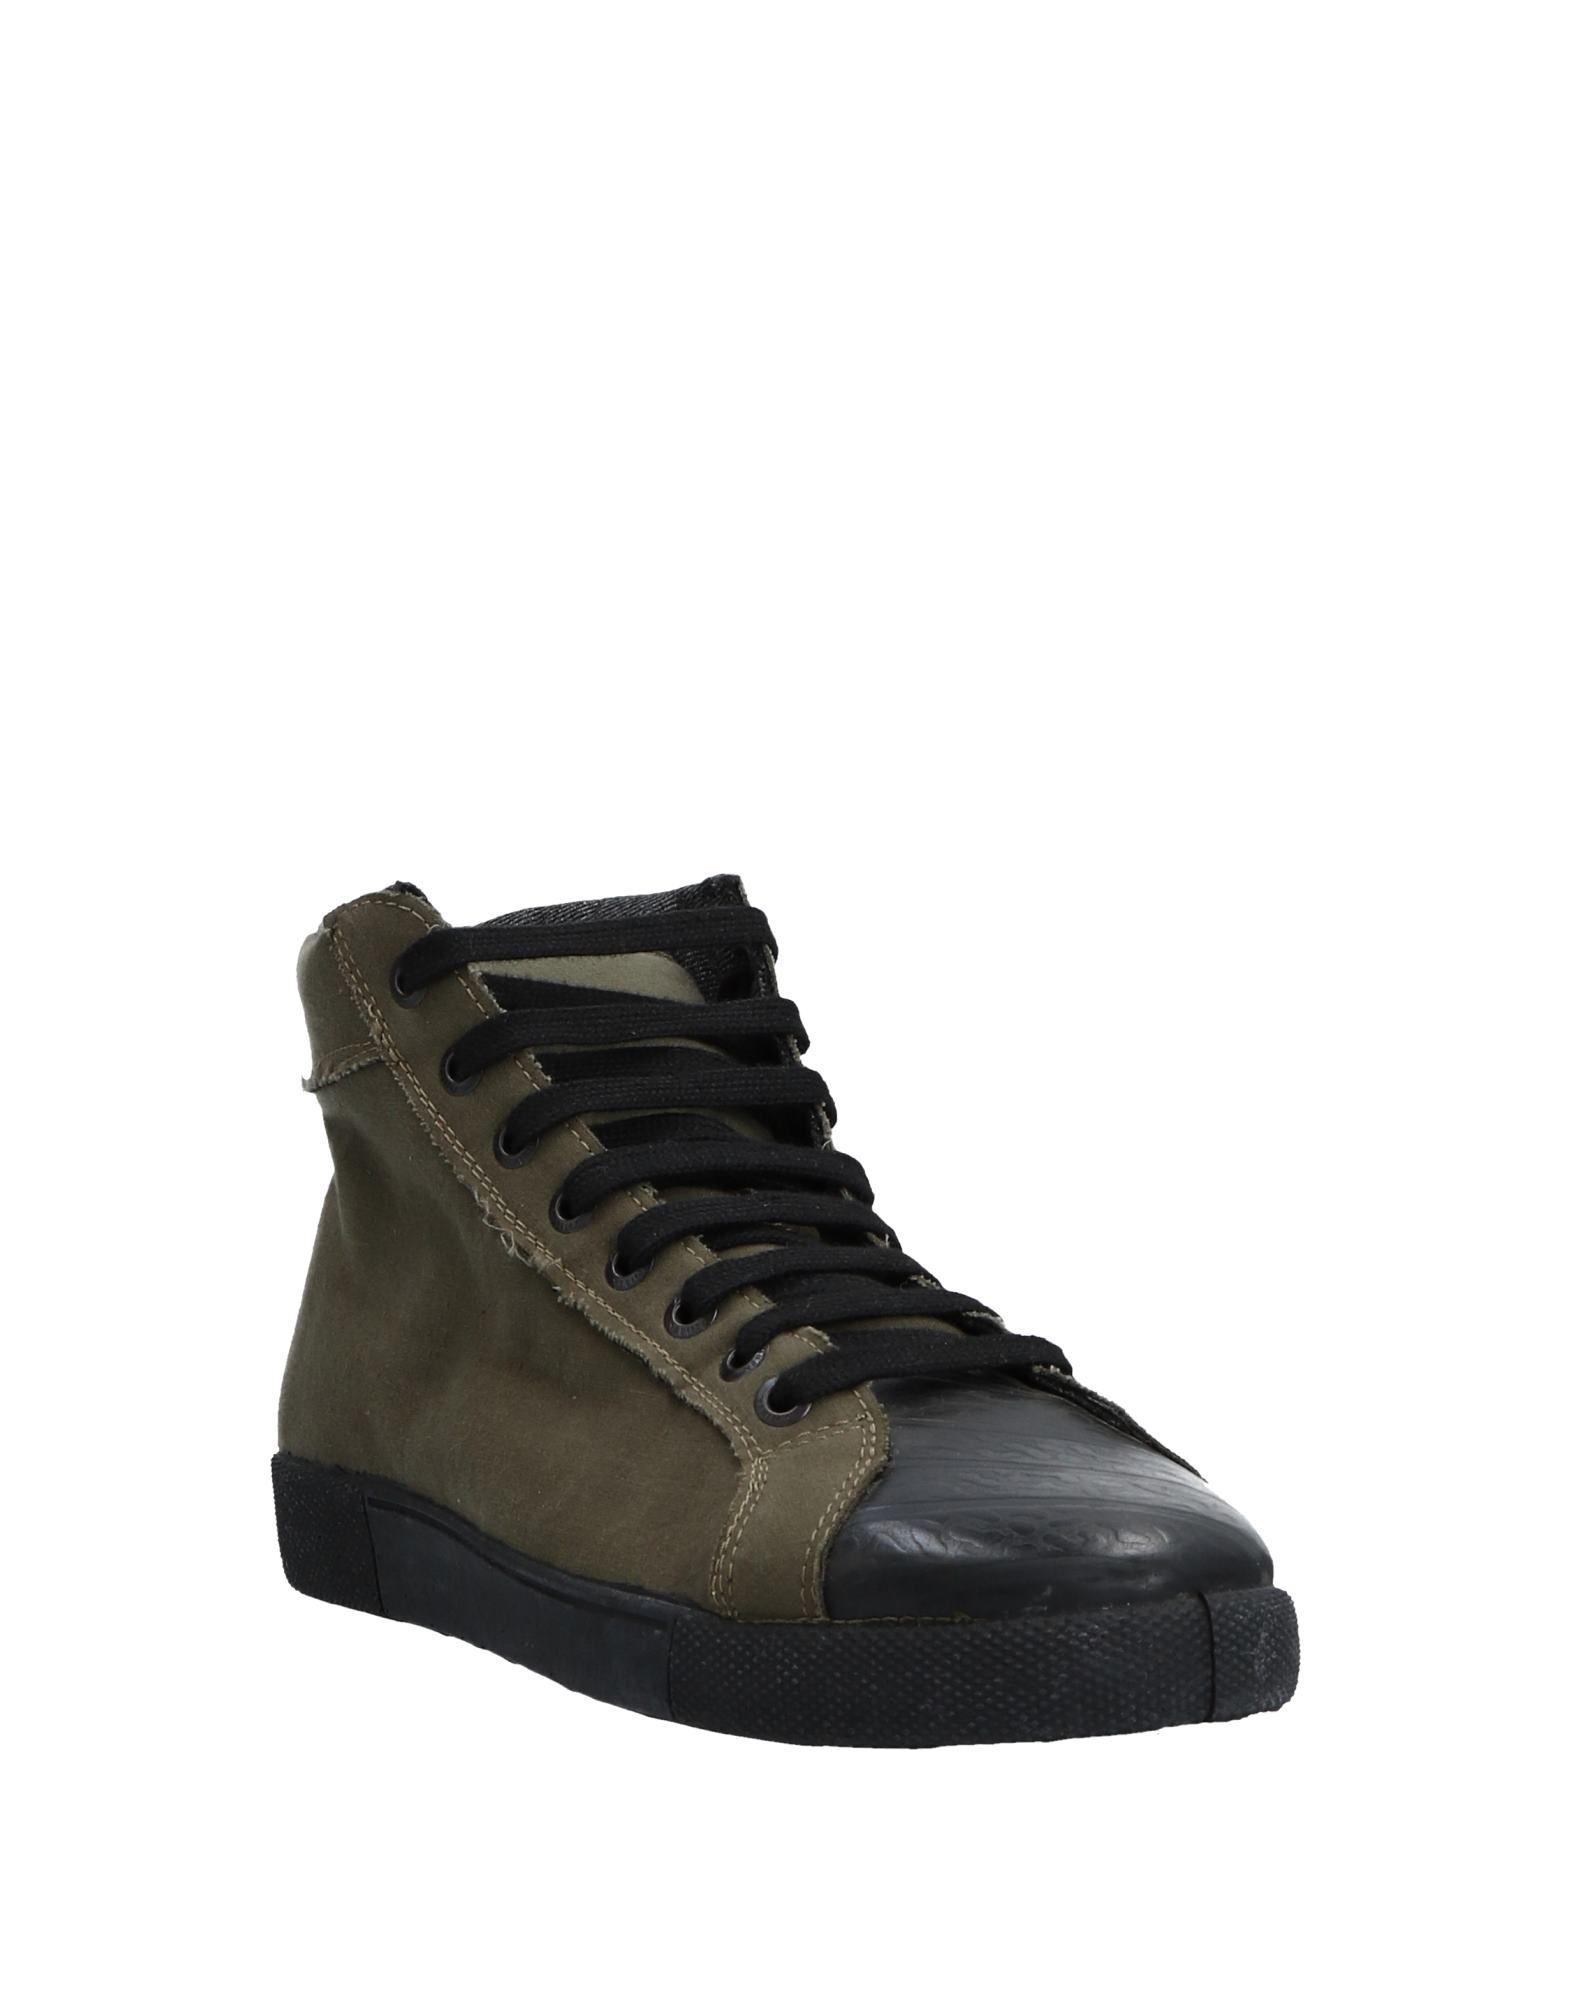 Rabatt echte Schuhe 11530457XG Springa Sneakers Herren  11530457XG Schuhe 8a9cfa